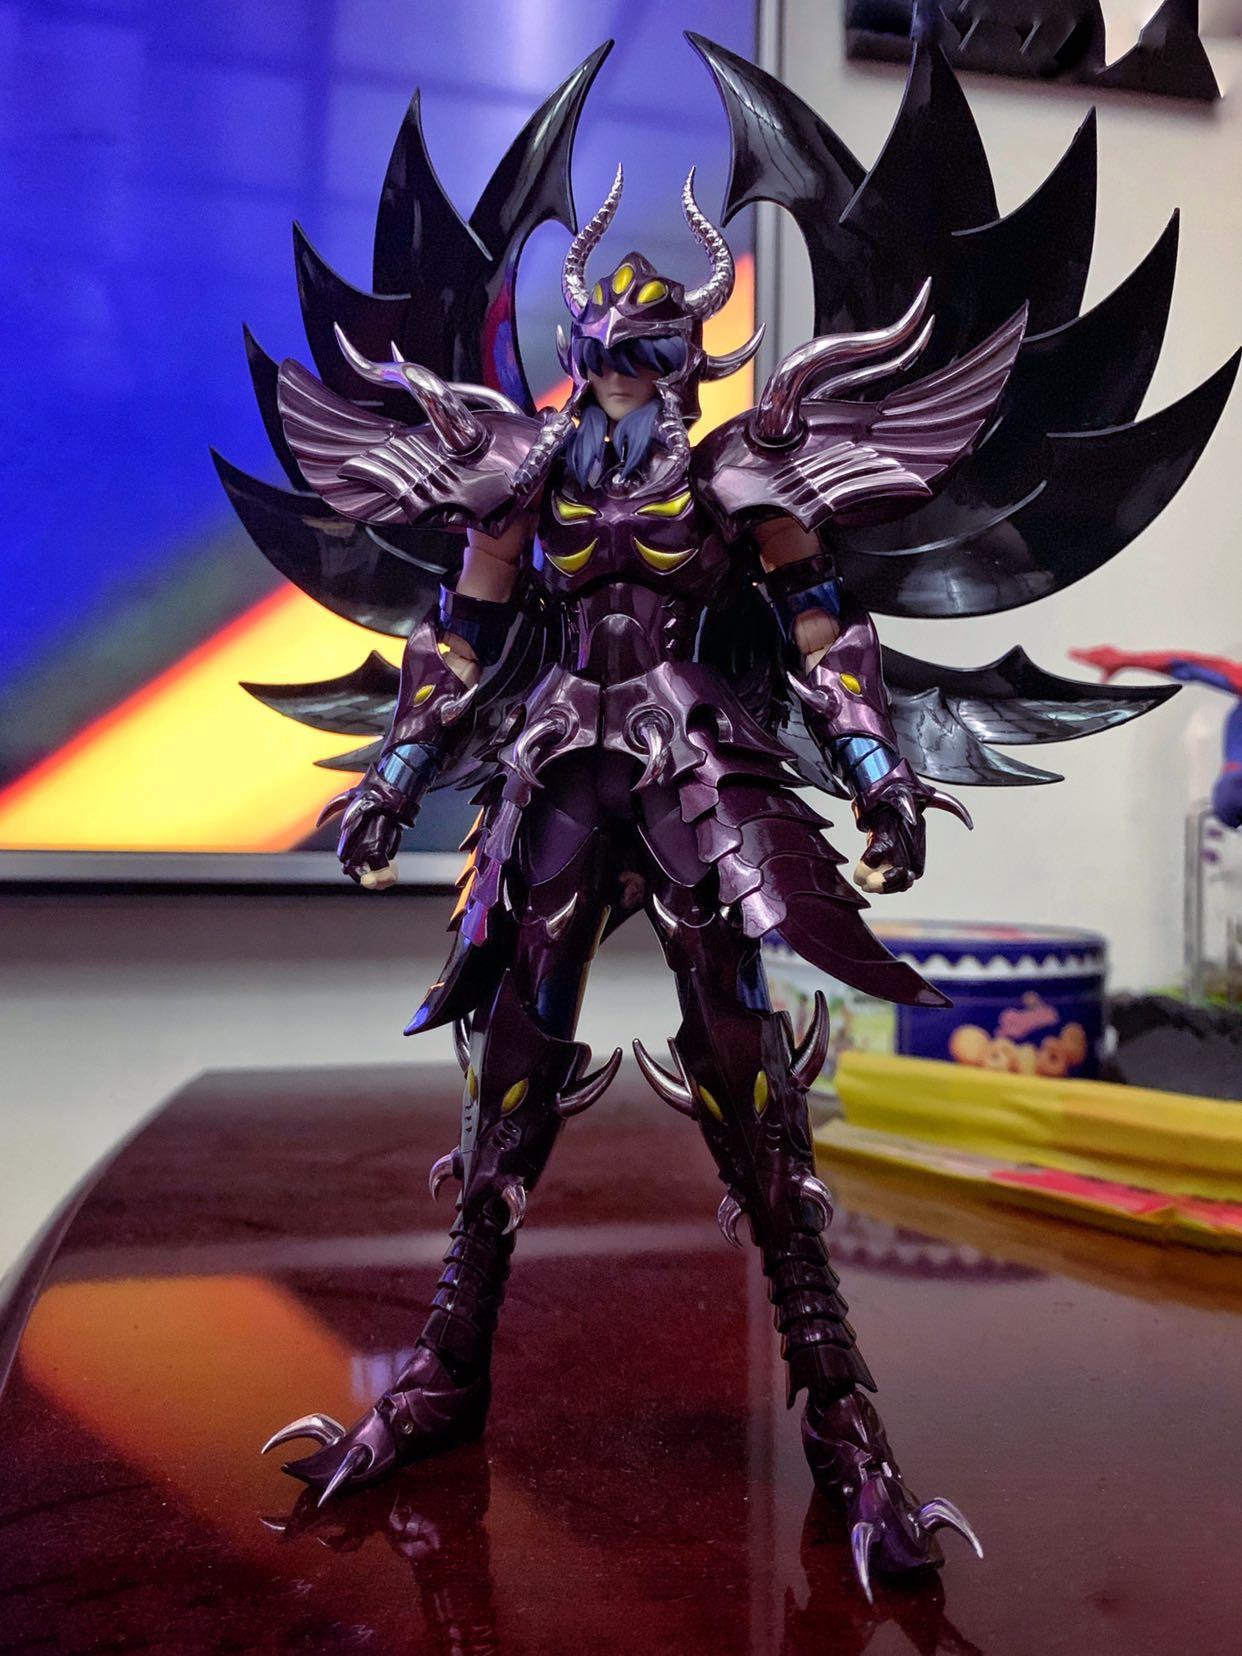 [Comentários] Aiacos de Garuda EX - Página 2 LSBpcg8n_o